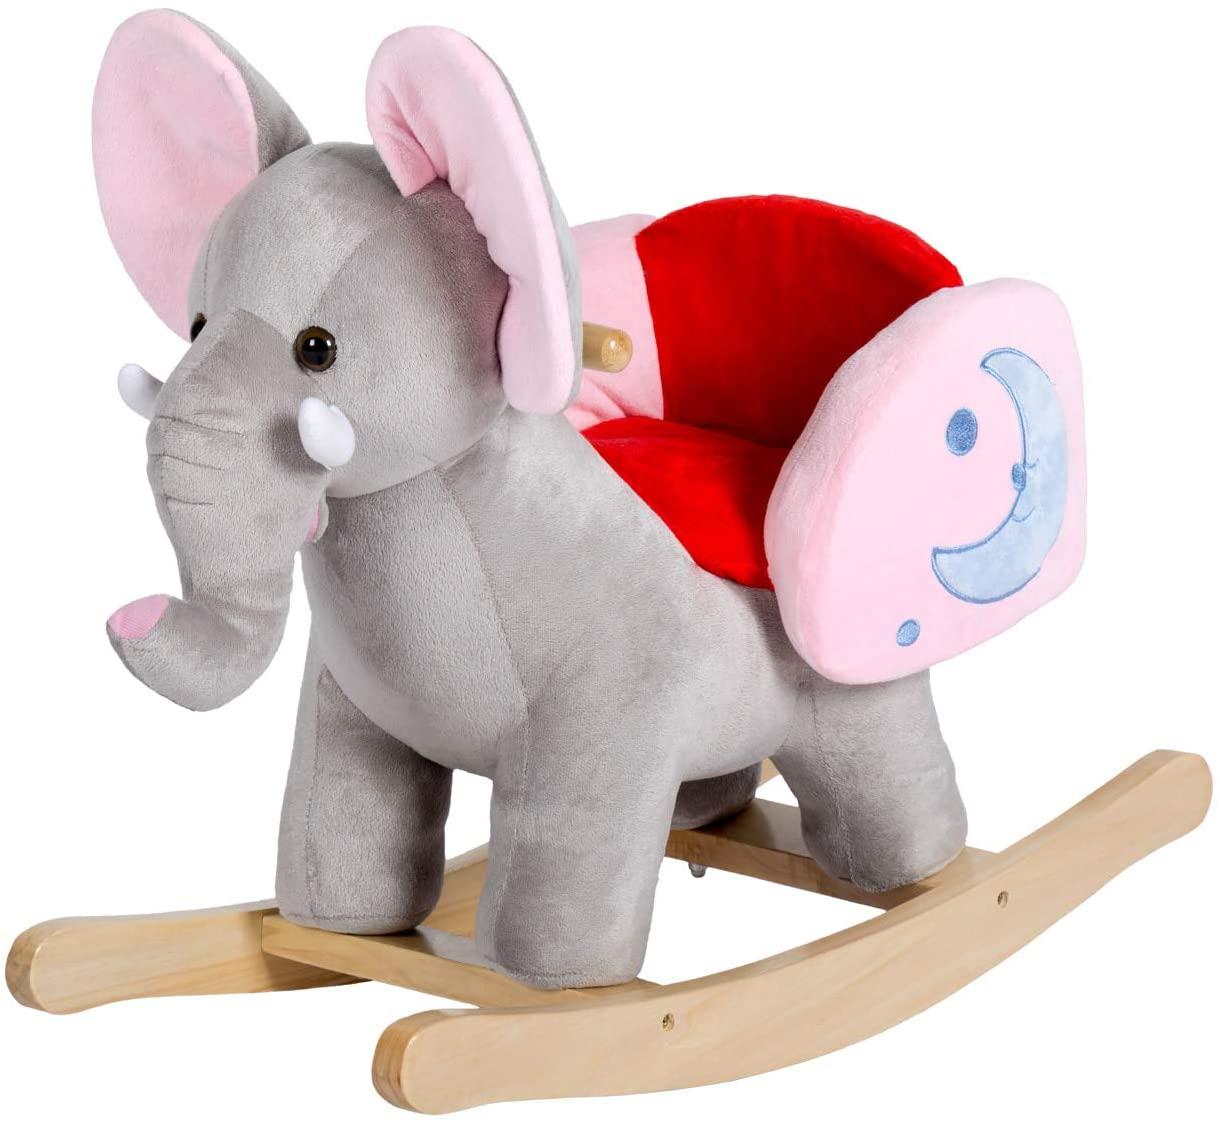 Peach Tree Rocking Horse Elephant Plush Rocker Horse Kids Ride On Toy Child Rocking Animal